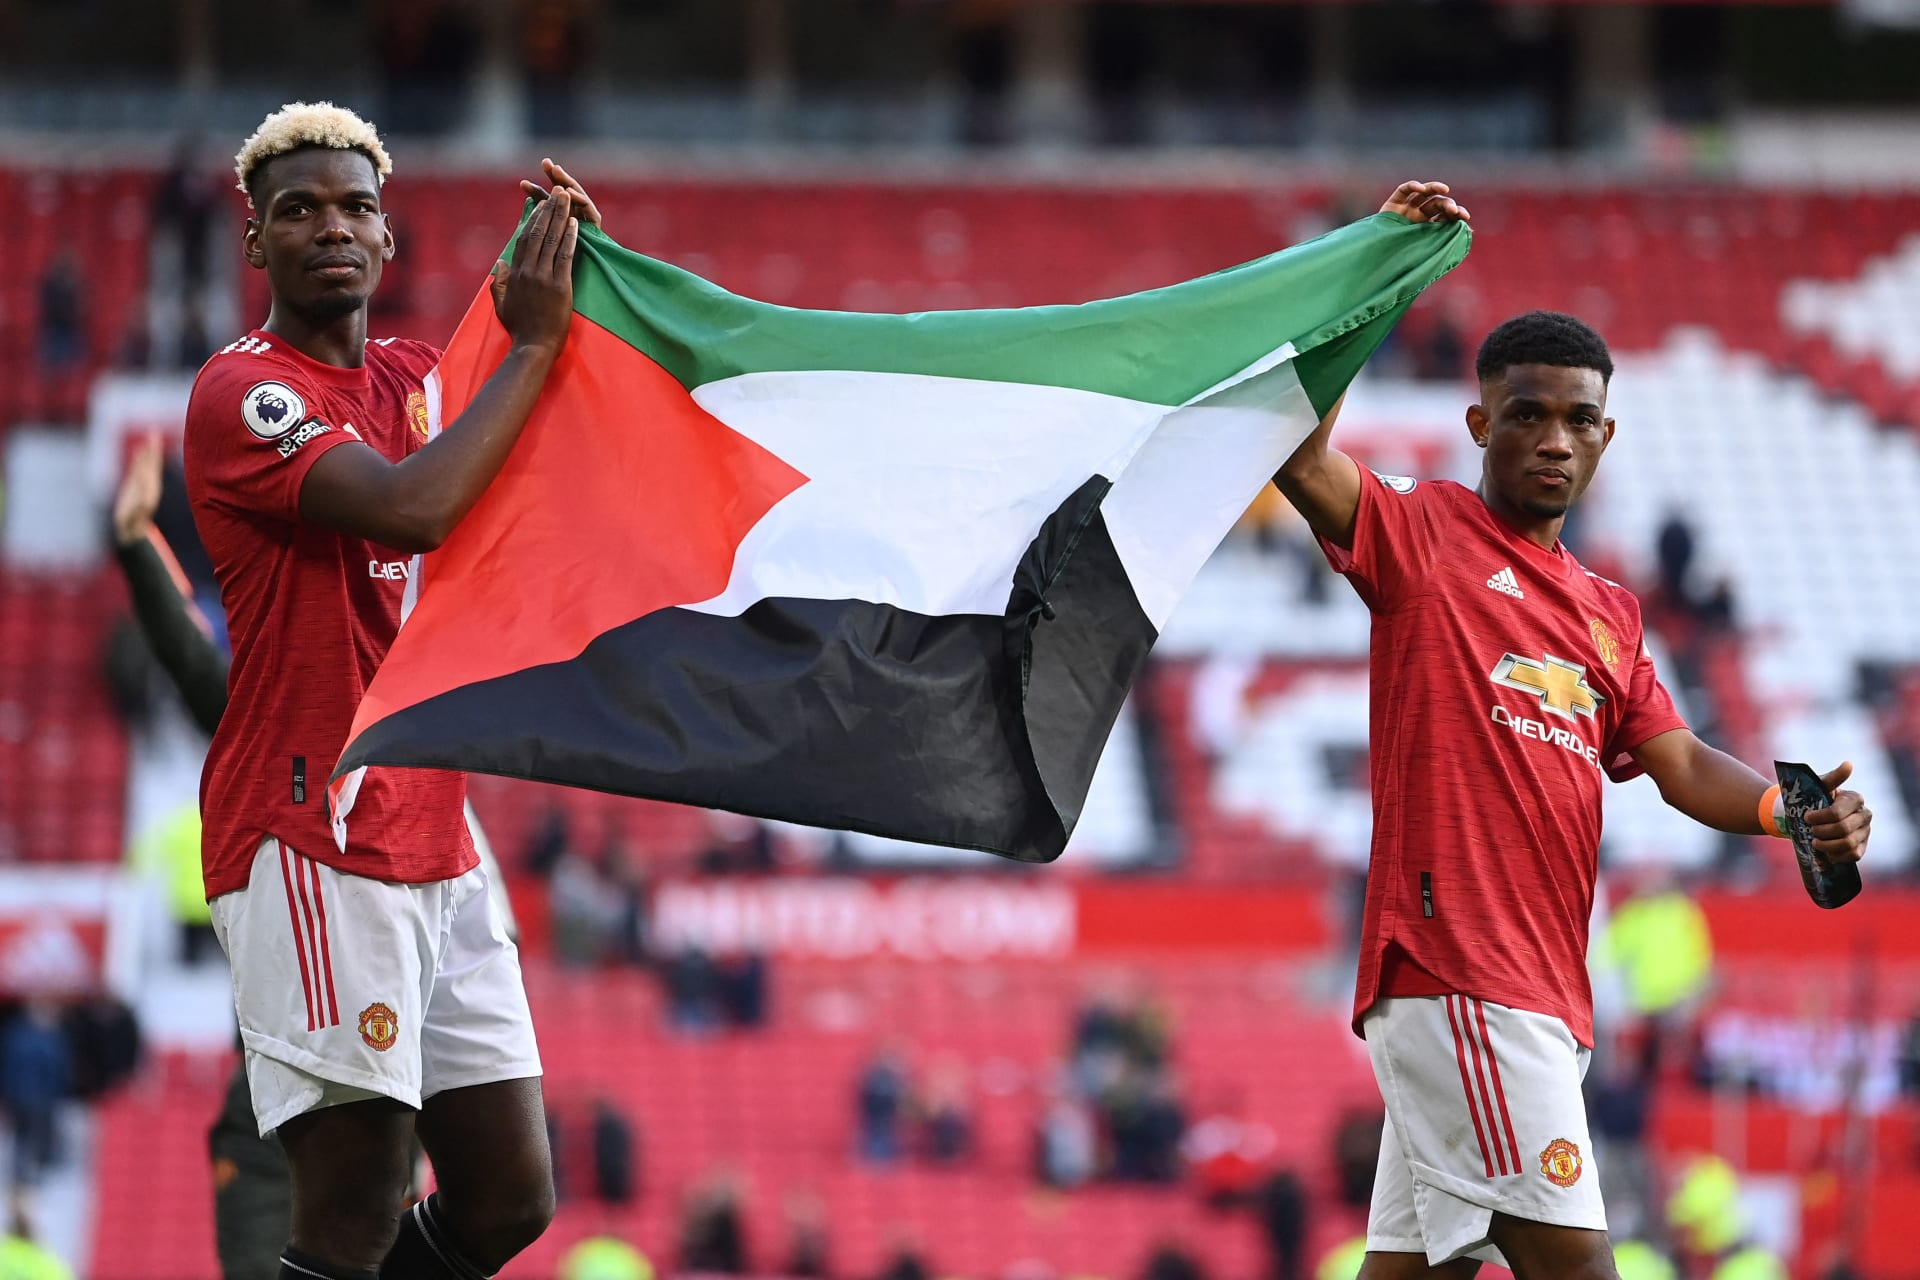 بوغبا وديالو يرفعان العلم الفلسطيني بعد مباراة مانشستر يونايتد وفولهام